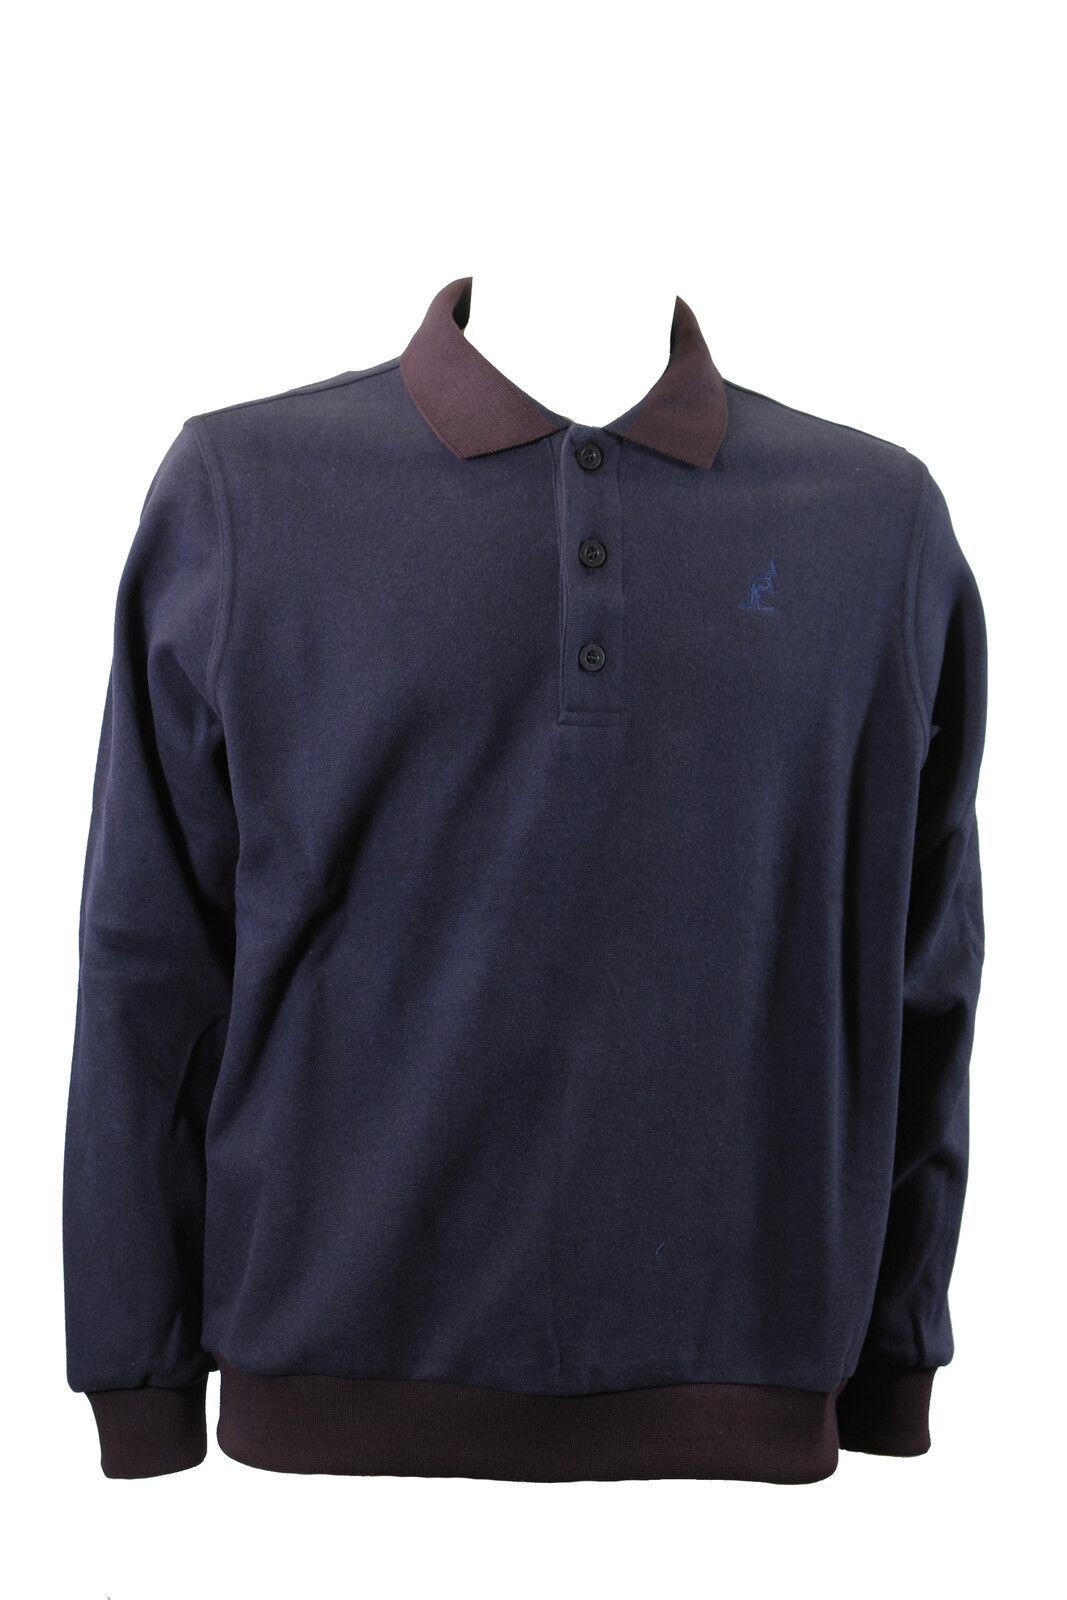 Polo da uomo blu Australian manica lunga cotone colletto bottoni polsino casual